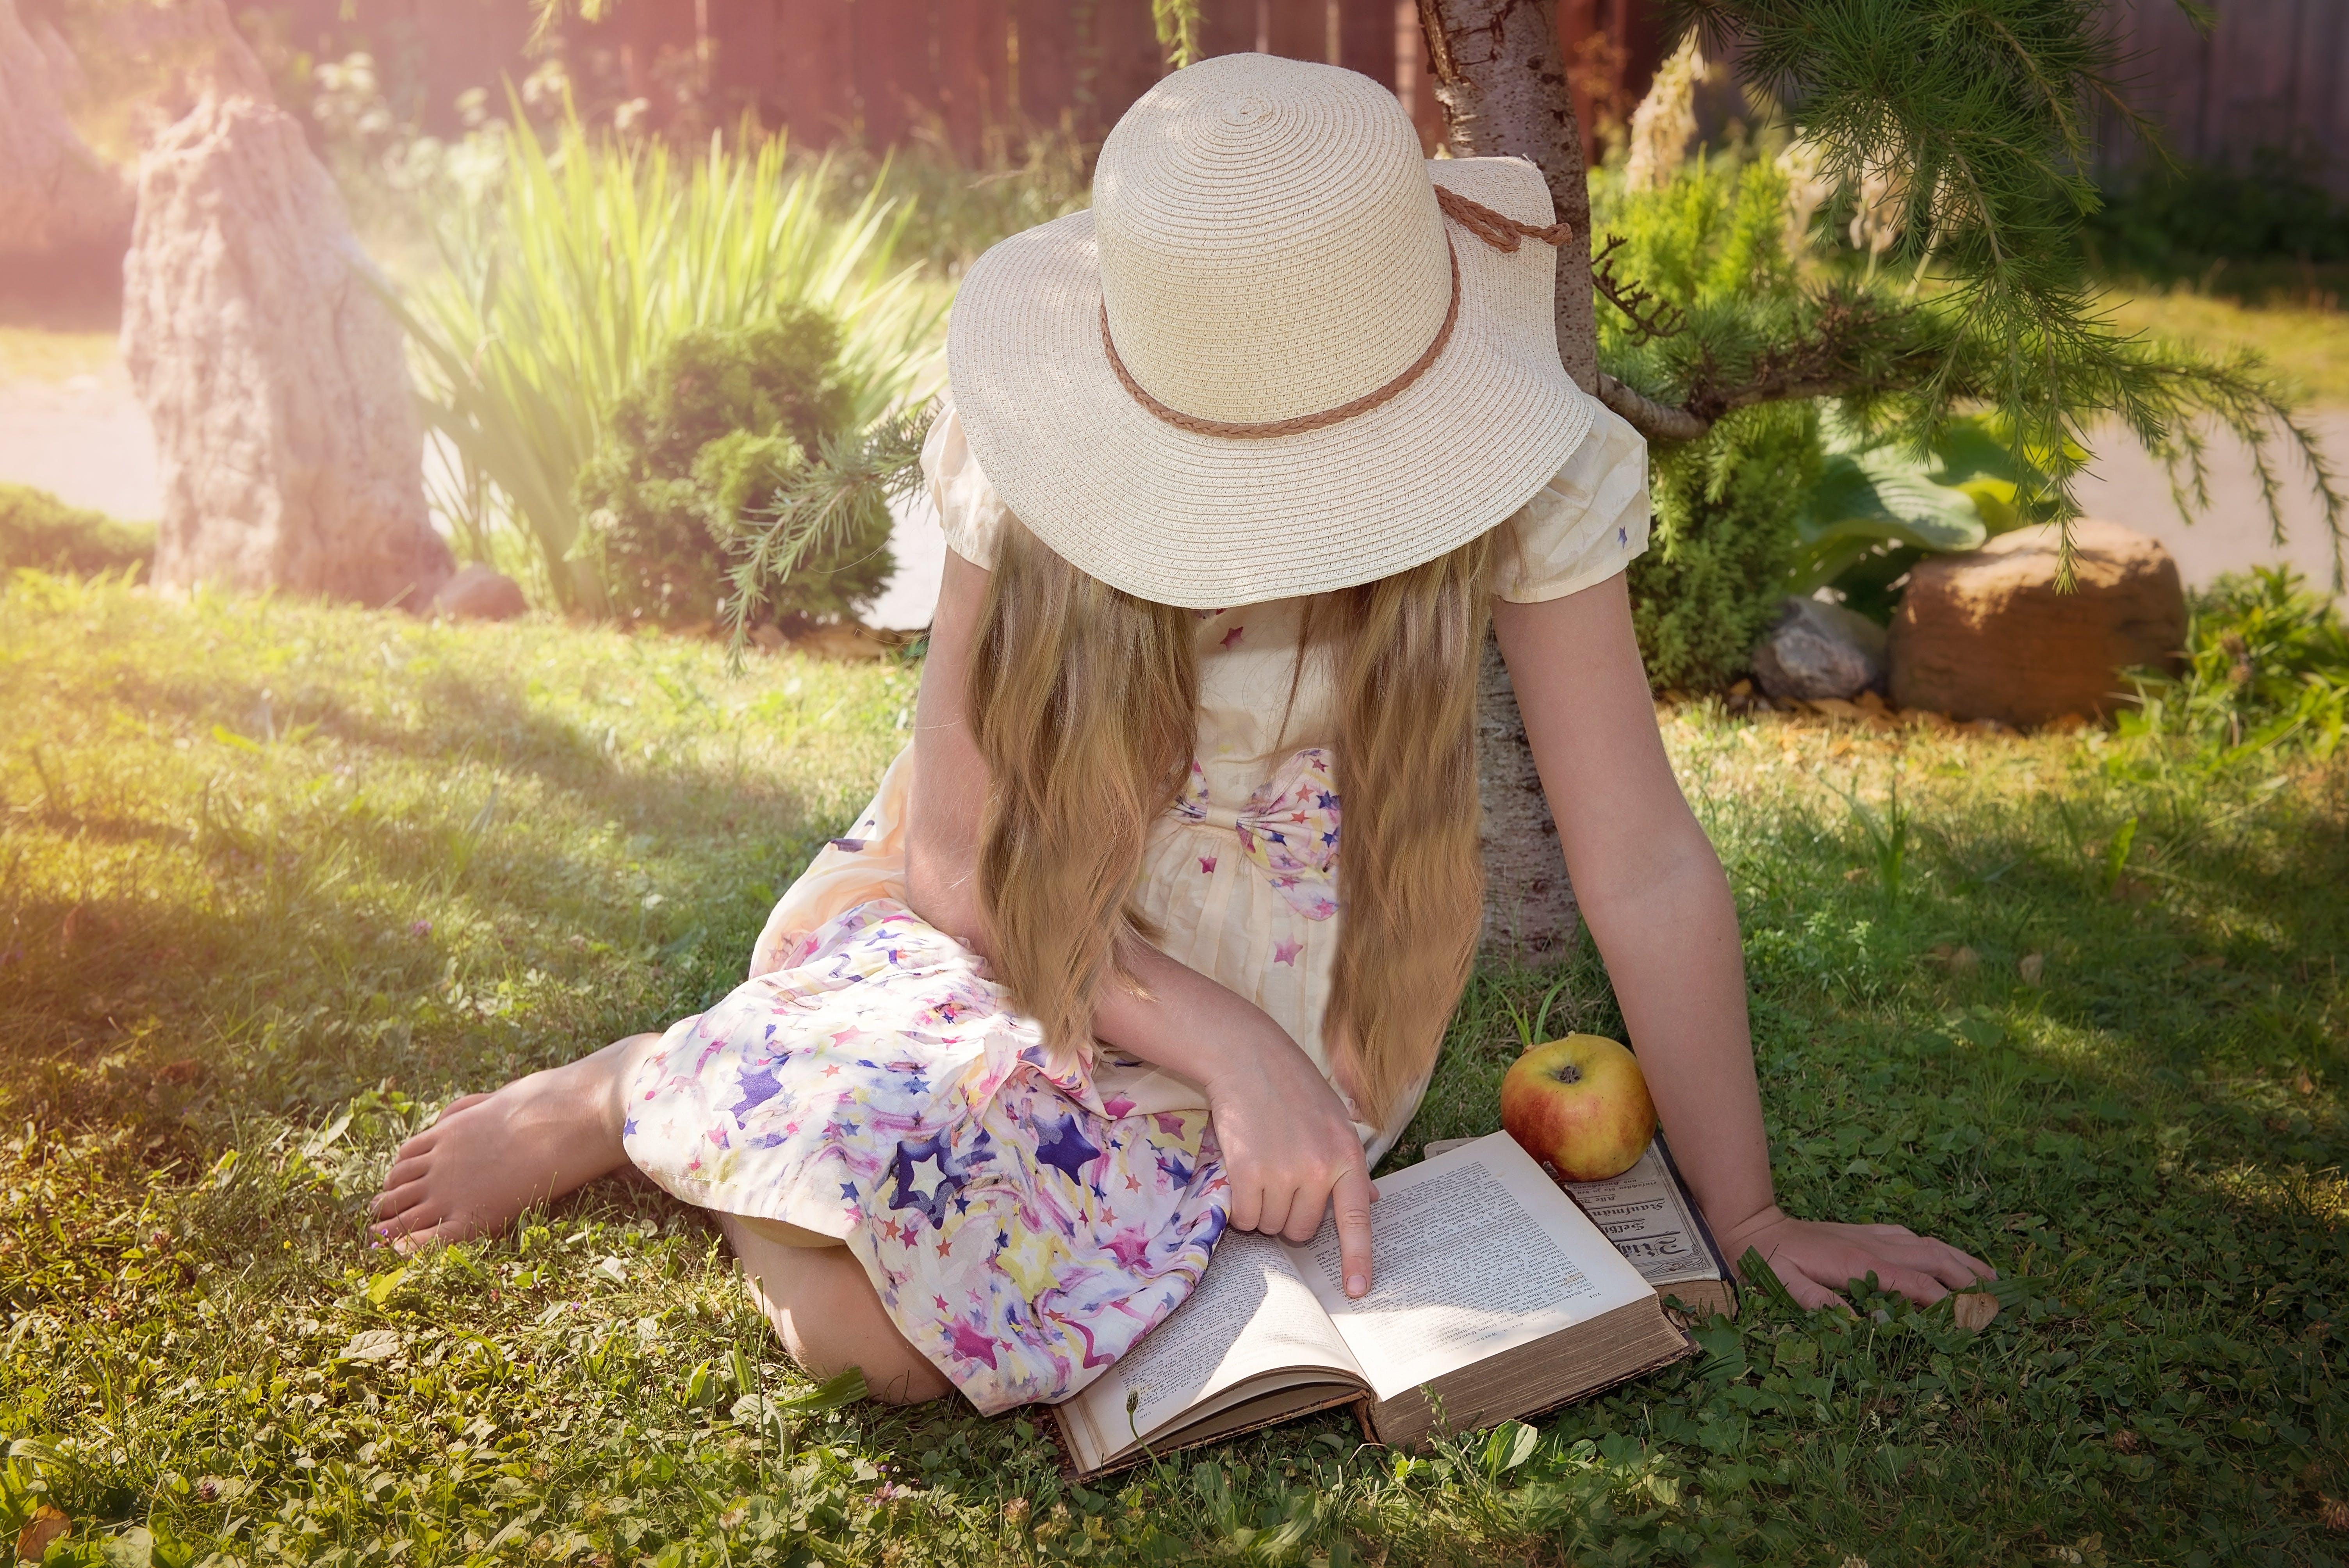 apple, book, break